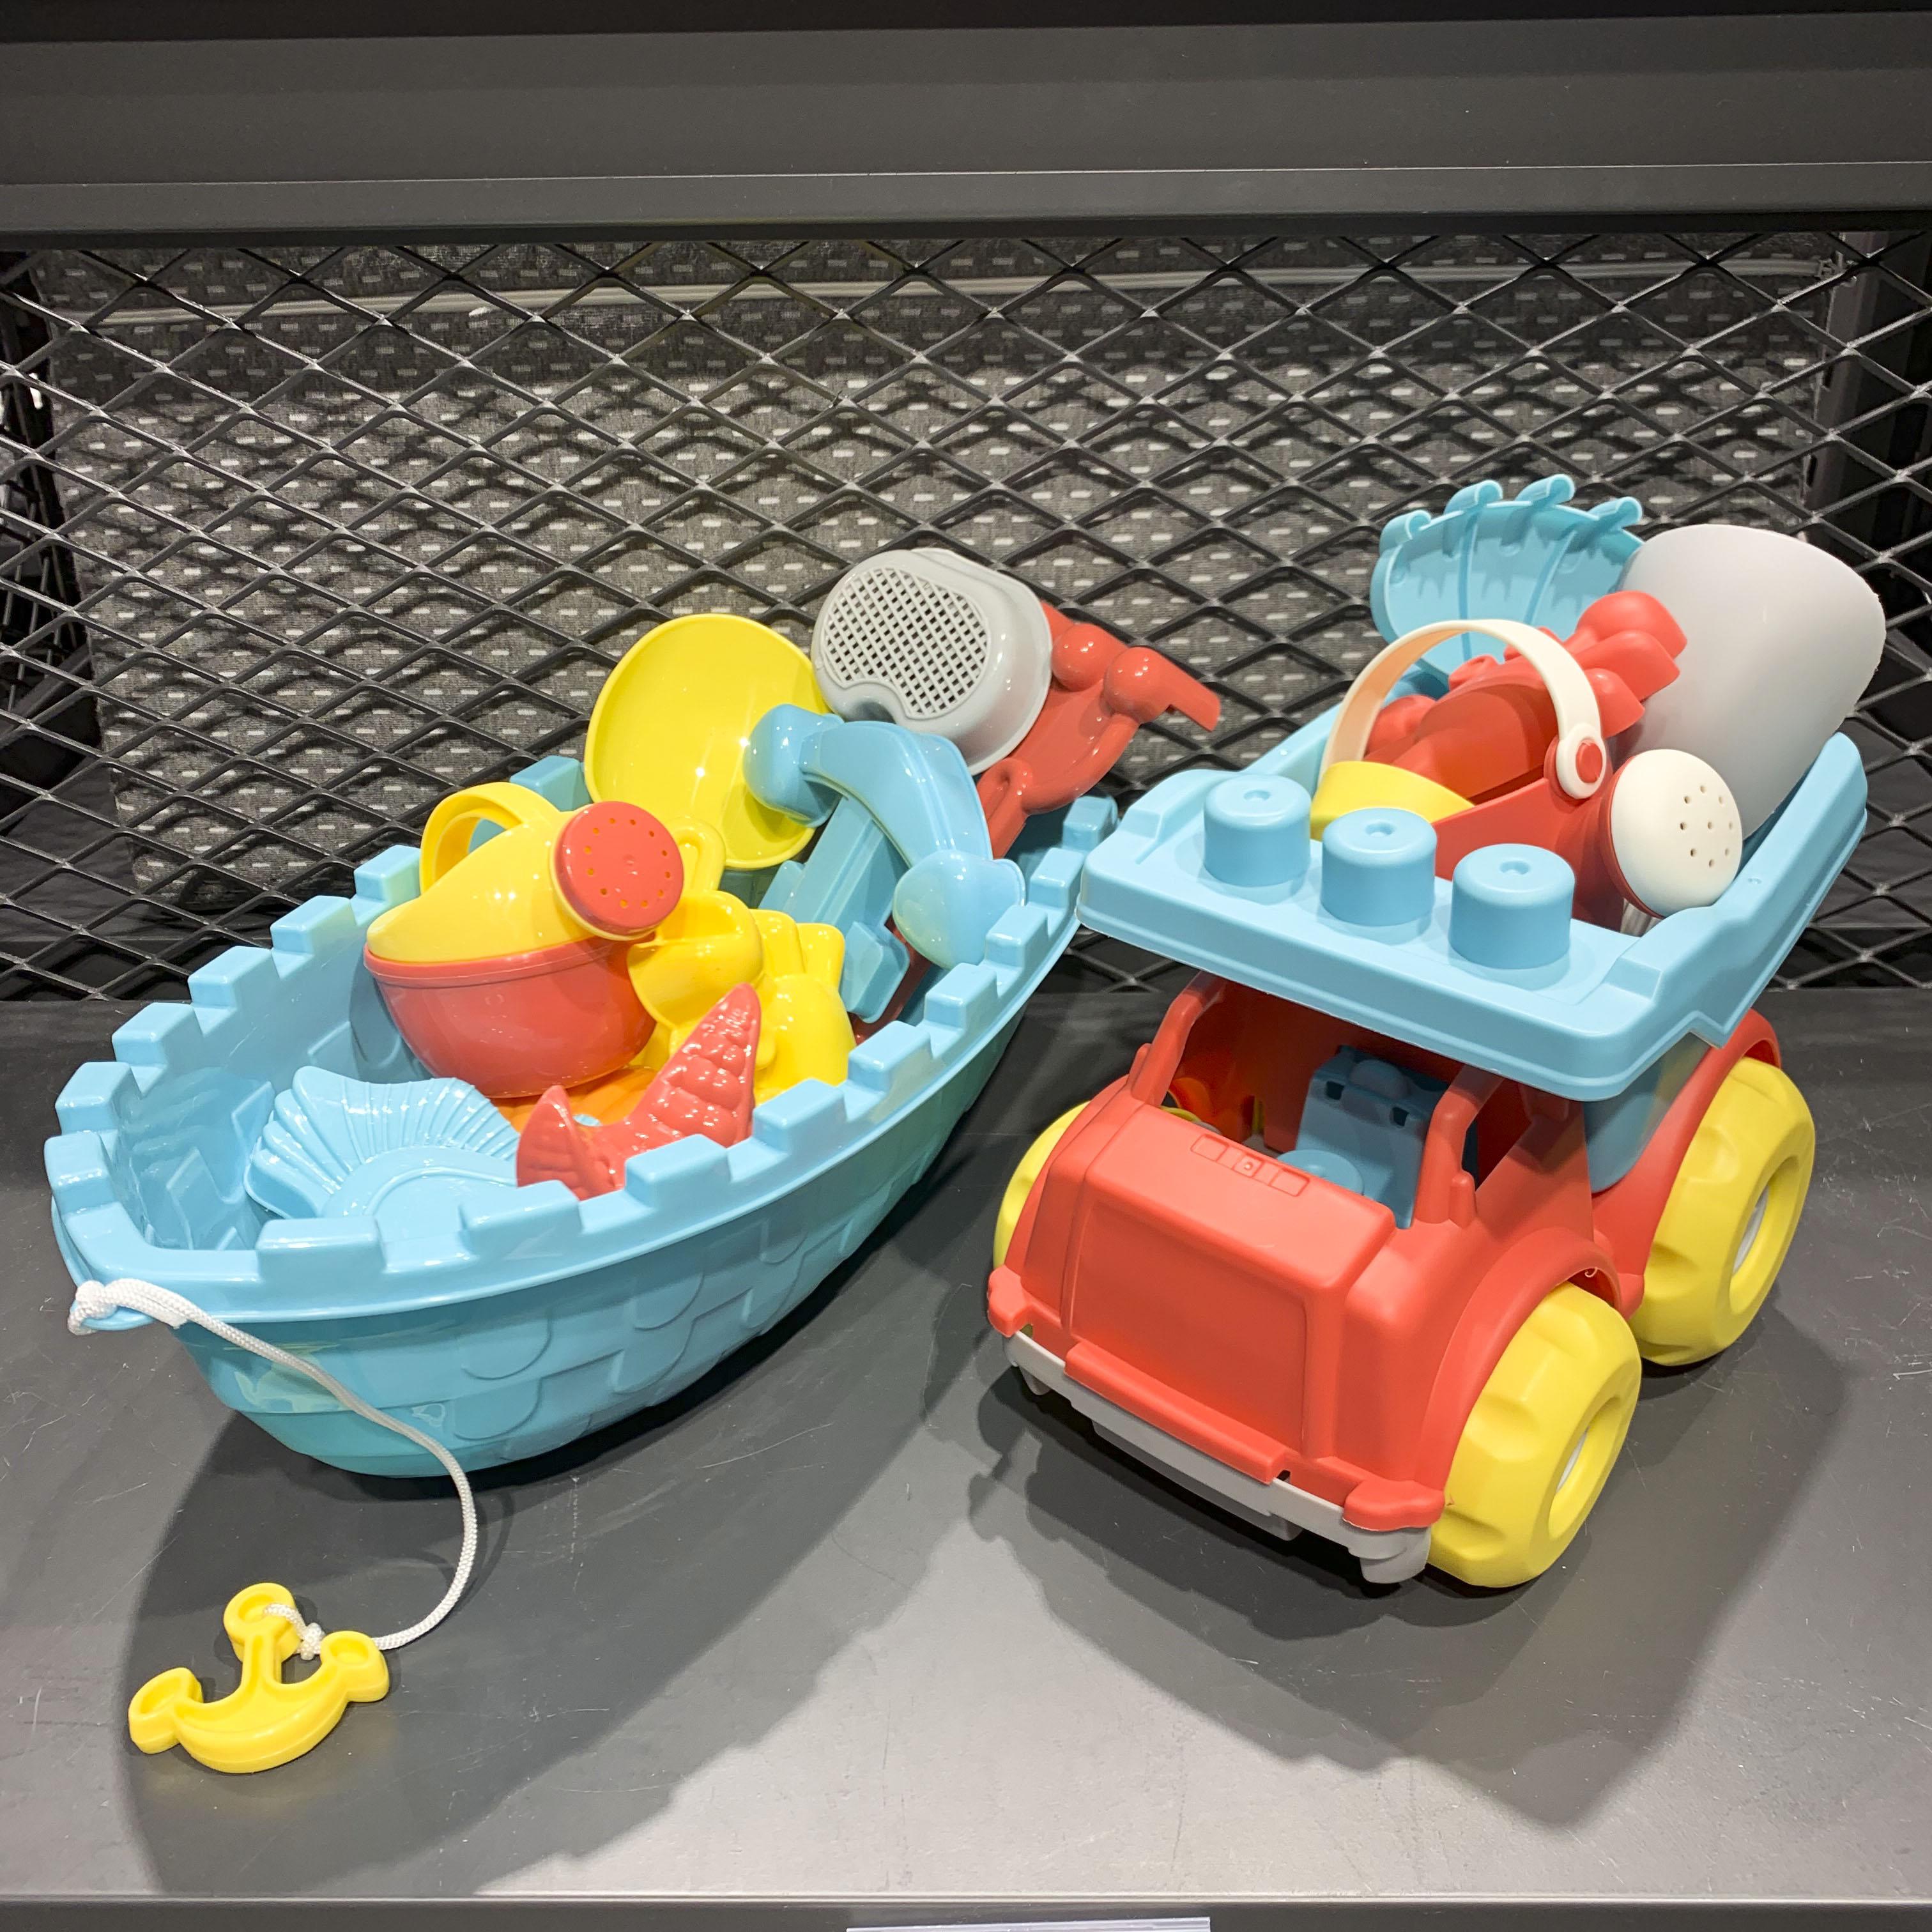 11月29日最新优惠modern house国内代购 儿童帆船沙滩工程车套装宝宝玩沙桶装玩具